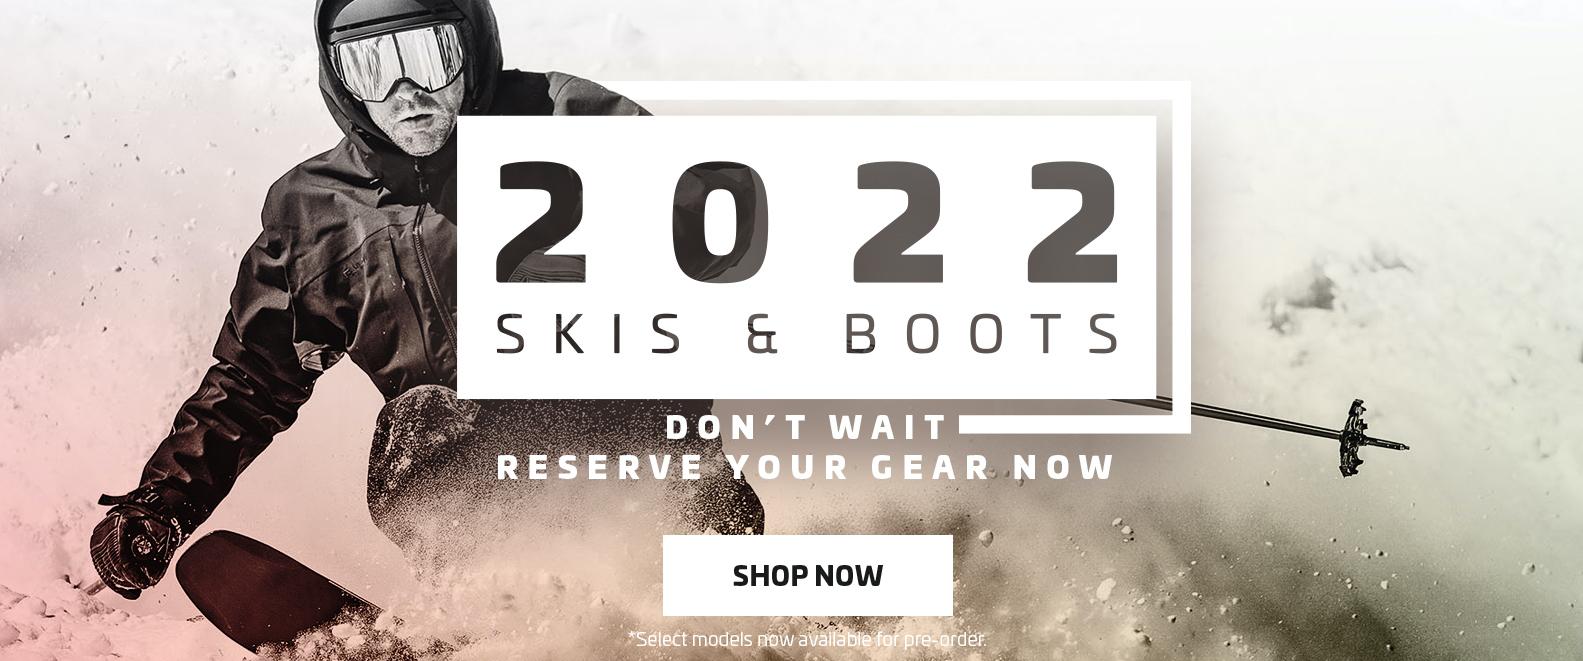 2022 GEAR